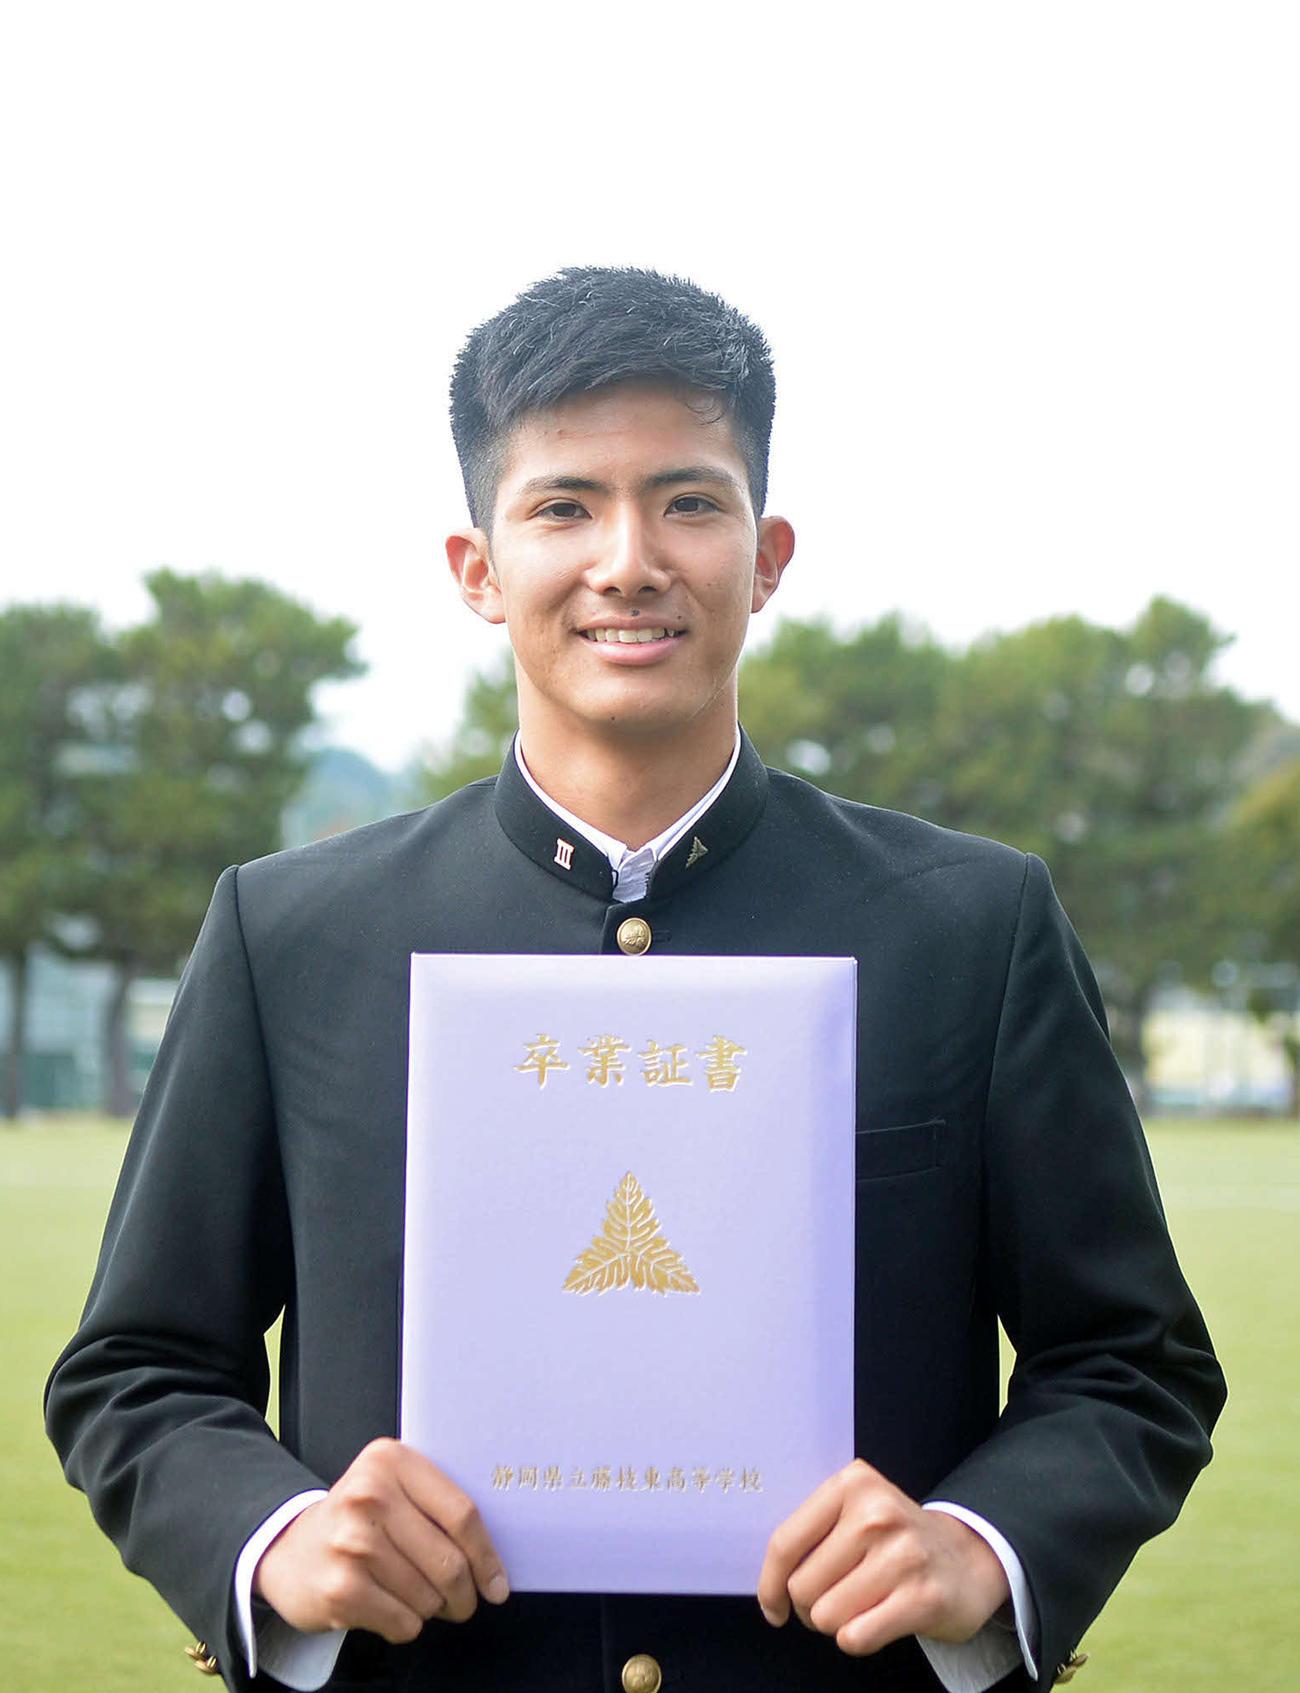 藤枝東高の卒業証書を見せるJ2金沢DF稲葉(撮影・神谷亮磨)